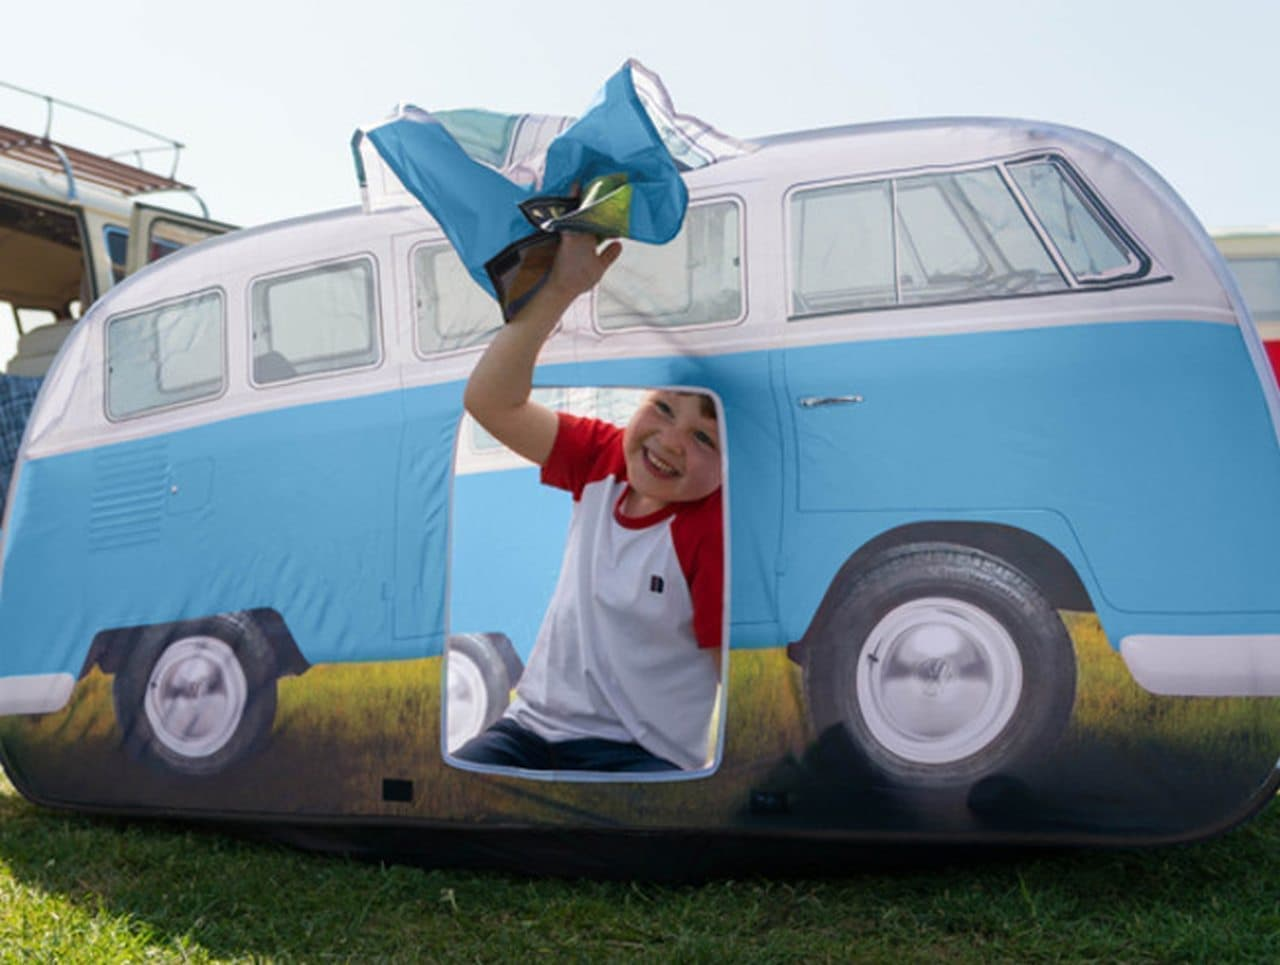 フォルクスワーゲンバス型の子ども用テント「T1バス キッズテント」日本販売開始